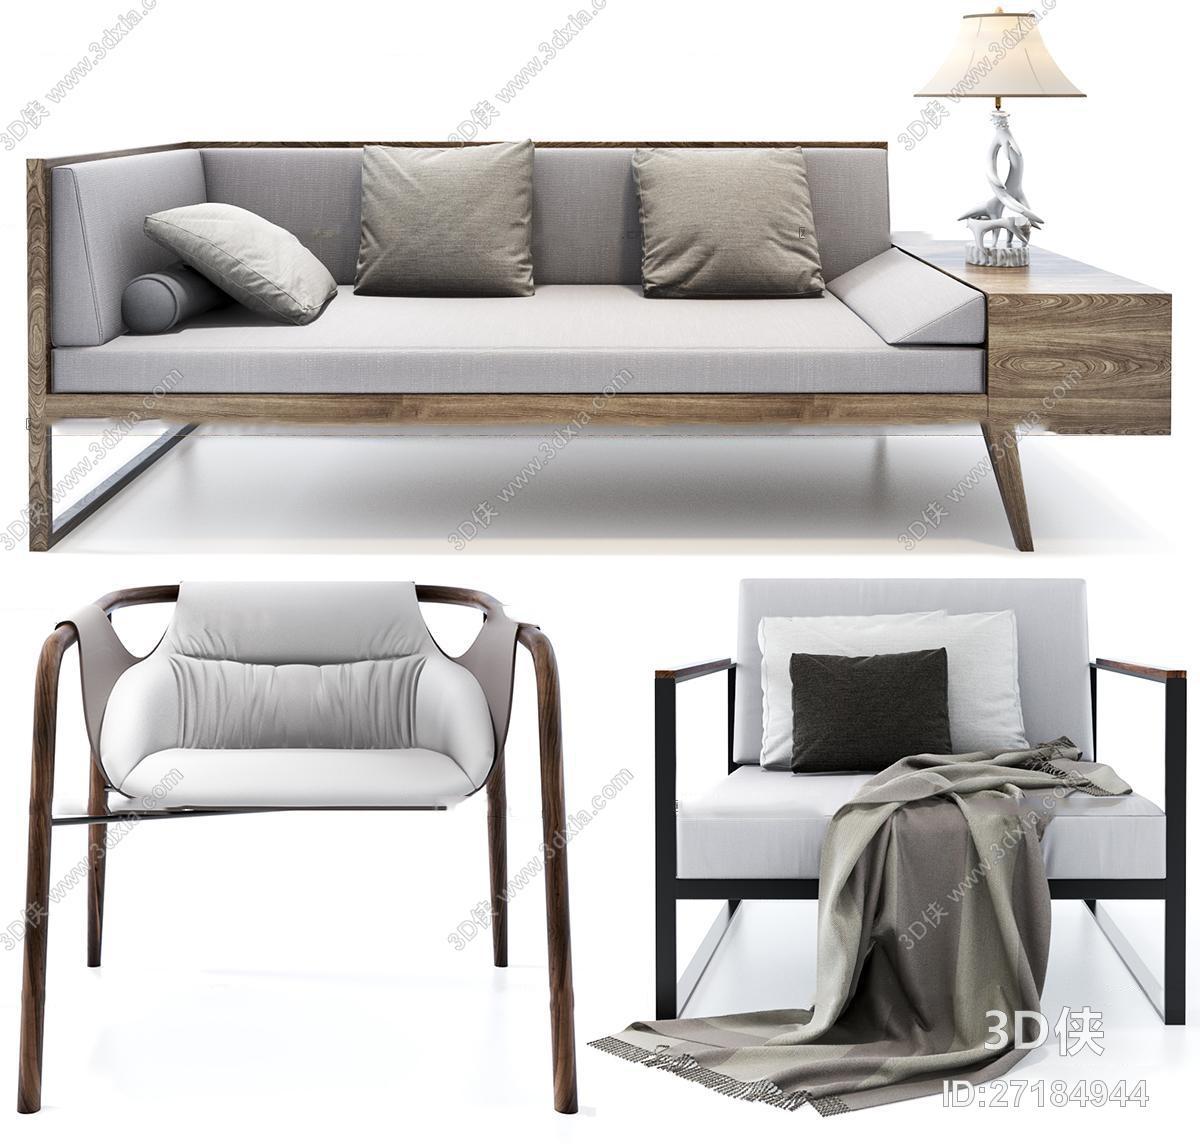 单椅效果图素材免费下载,本作品主题是现代休闲椅沙发台灯组合3d模型